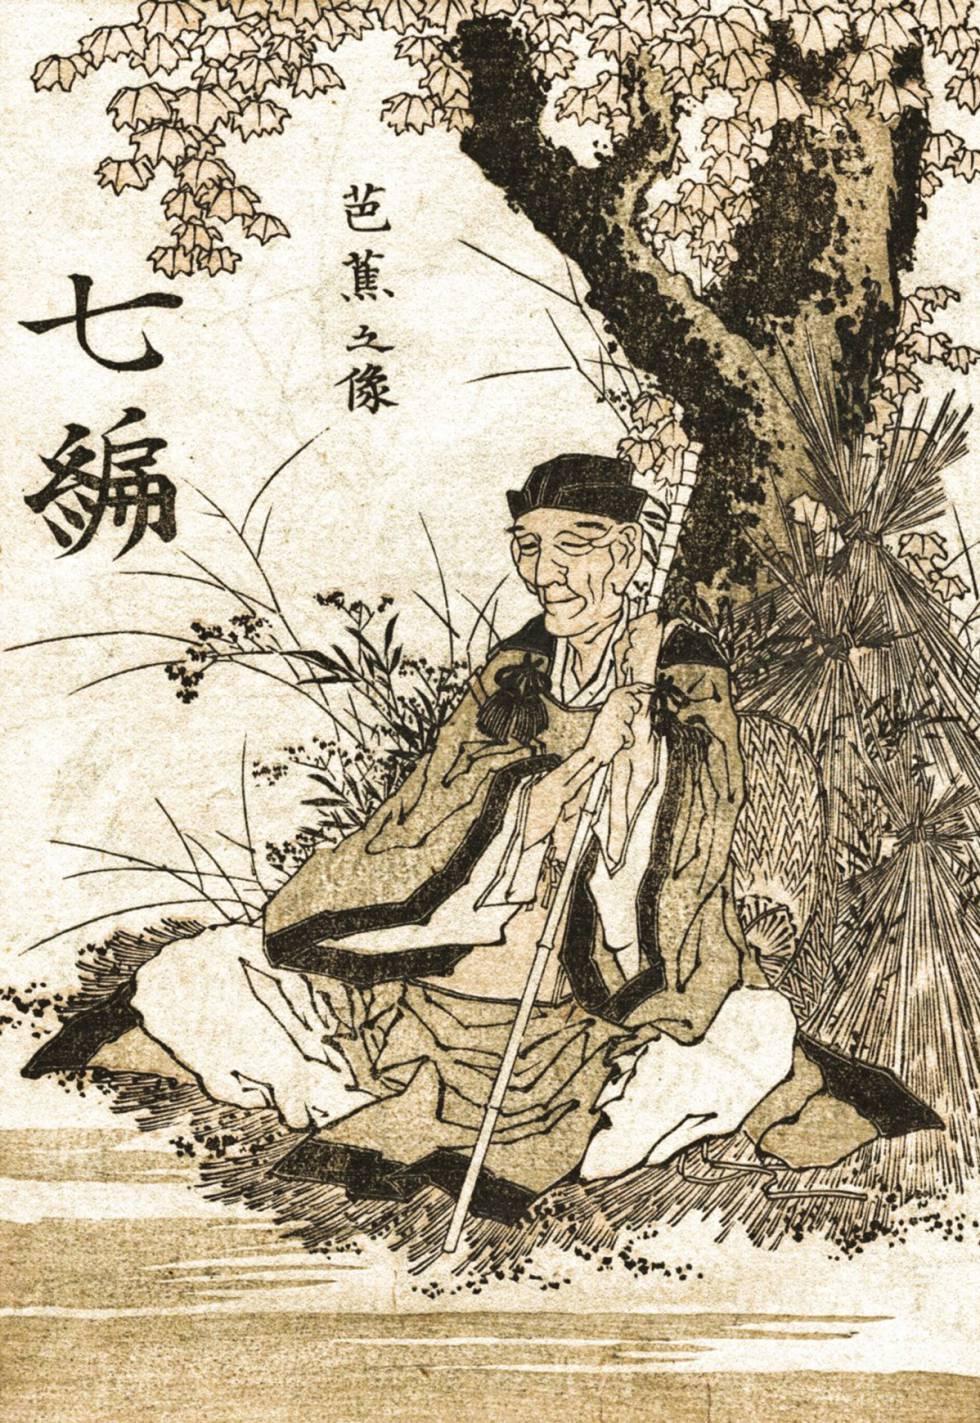 Matsuo Bashō según Katshunika Hokusai, grabador del periodo Edo.